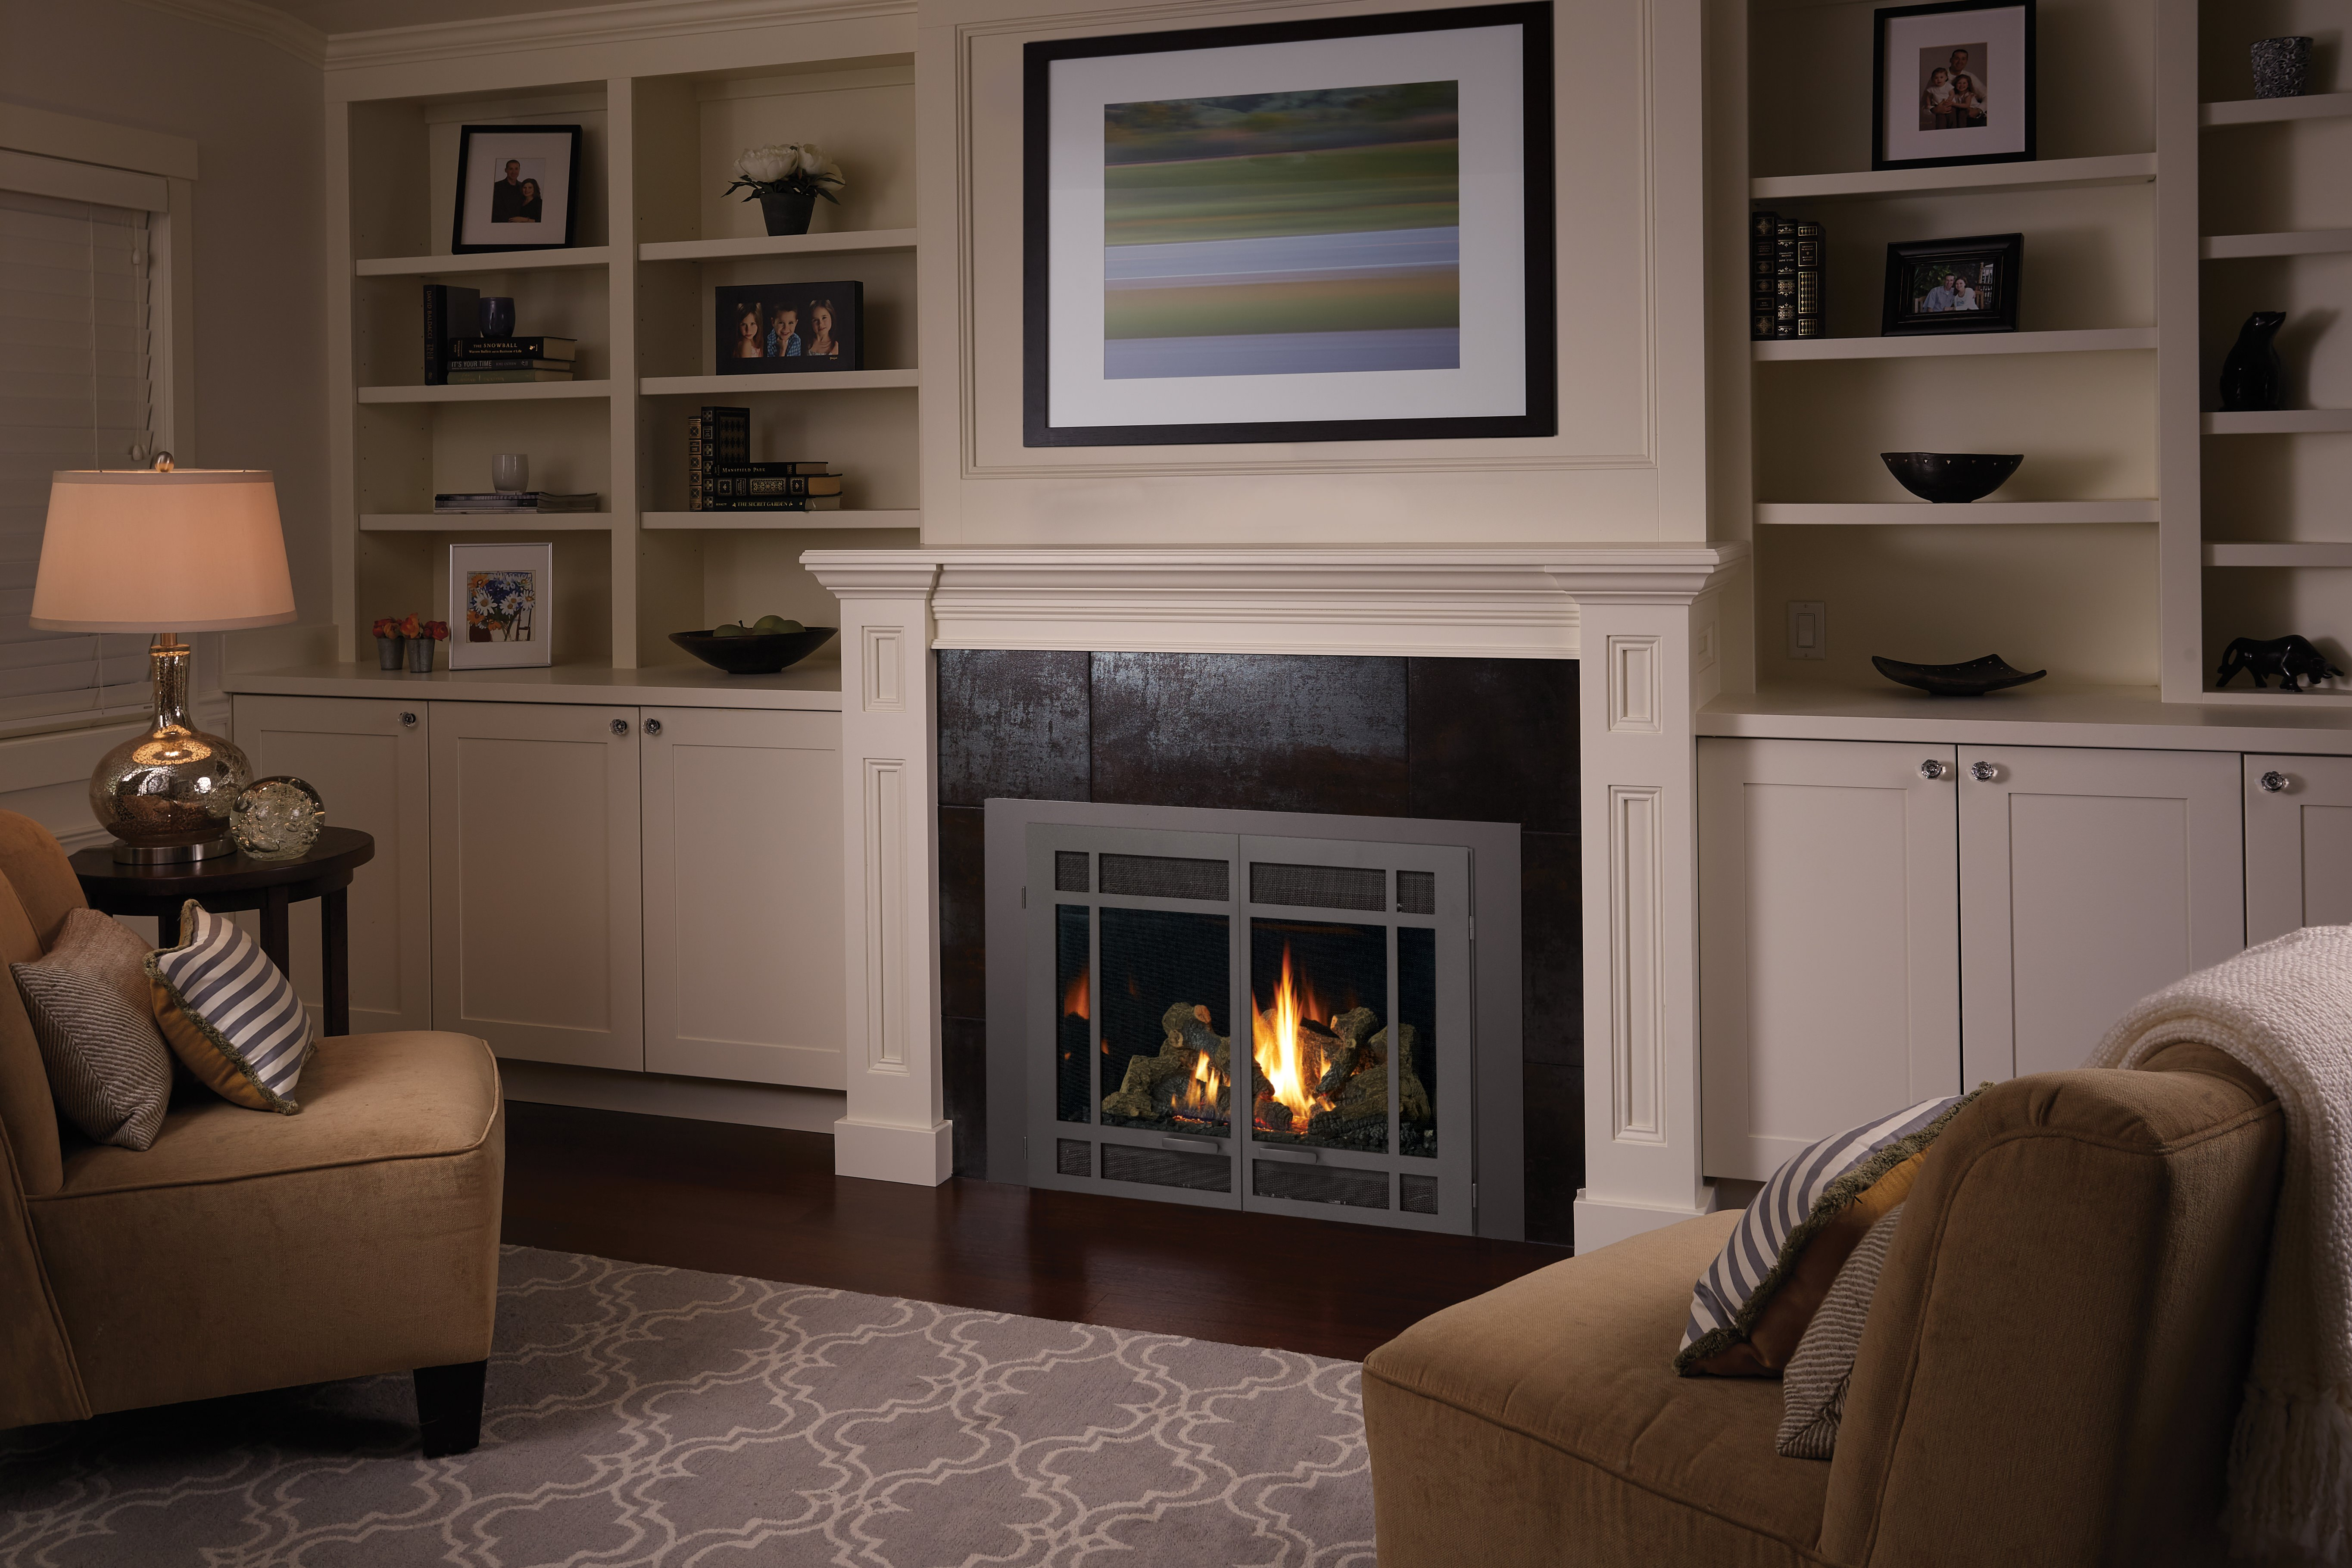 Fireplace Xtrordinair 864 Trv Gas Fireplace With Rectangular Double